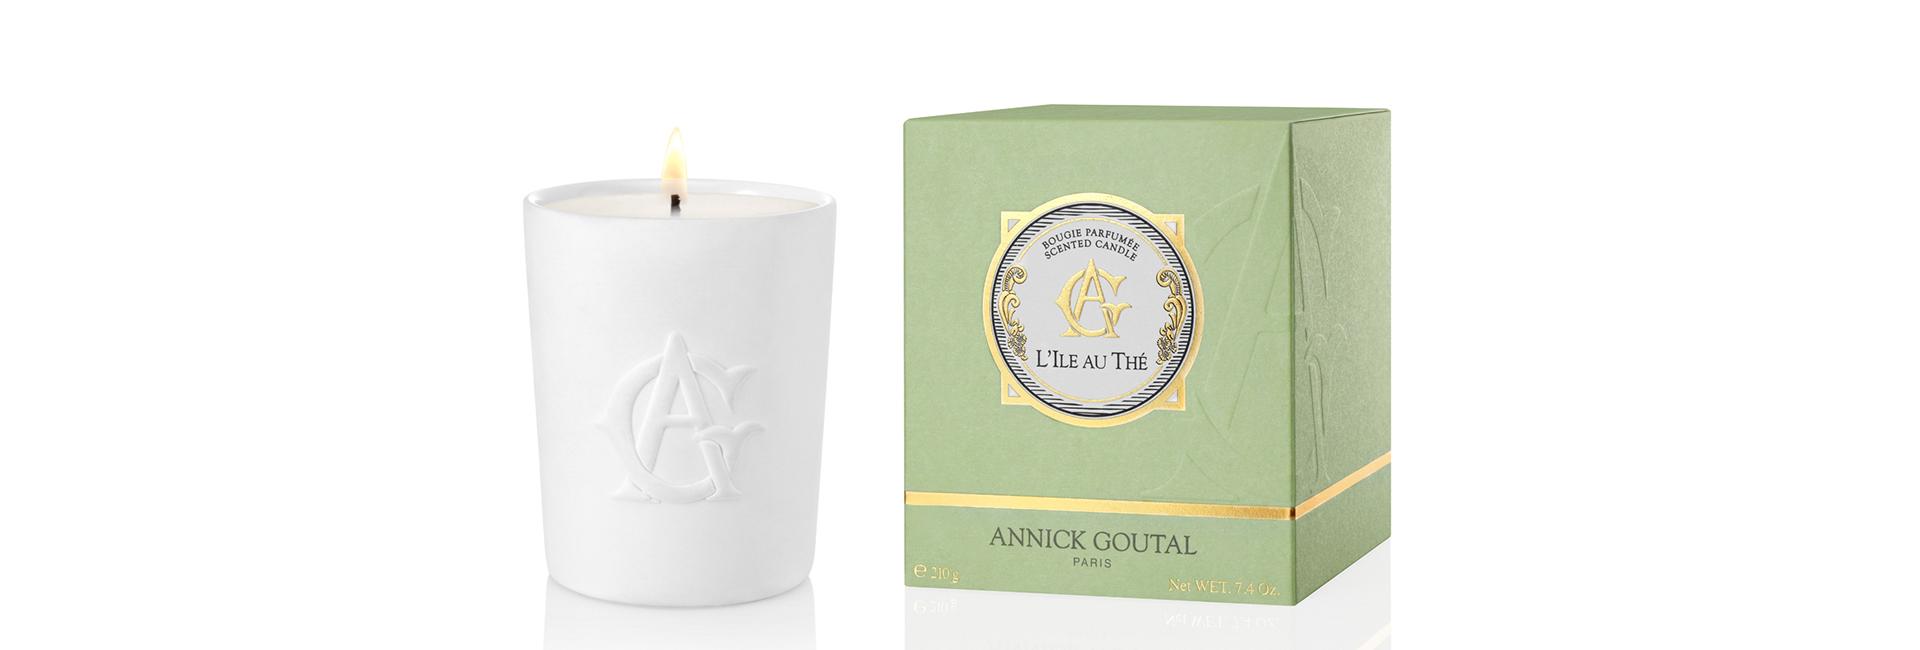 ile-au-the-annick-goutal-bougie-blog-beaute-soin-parfum-homme